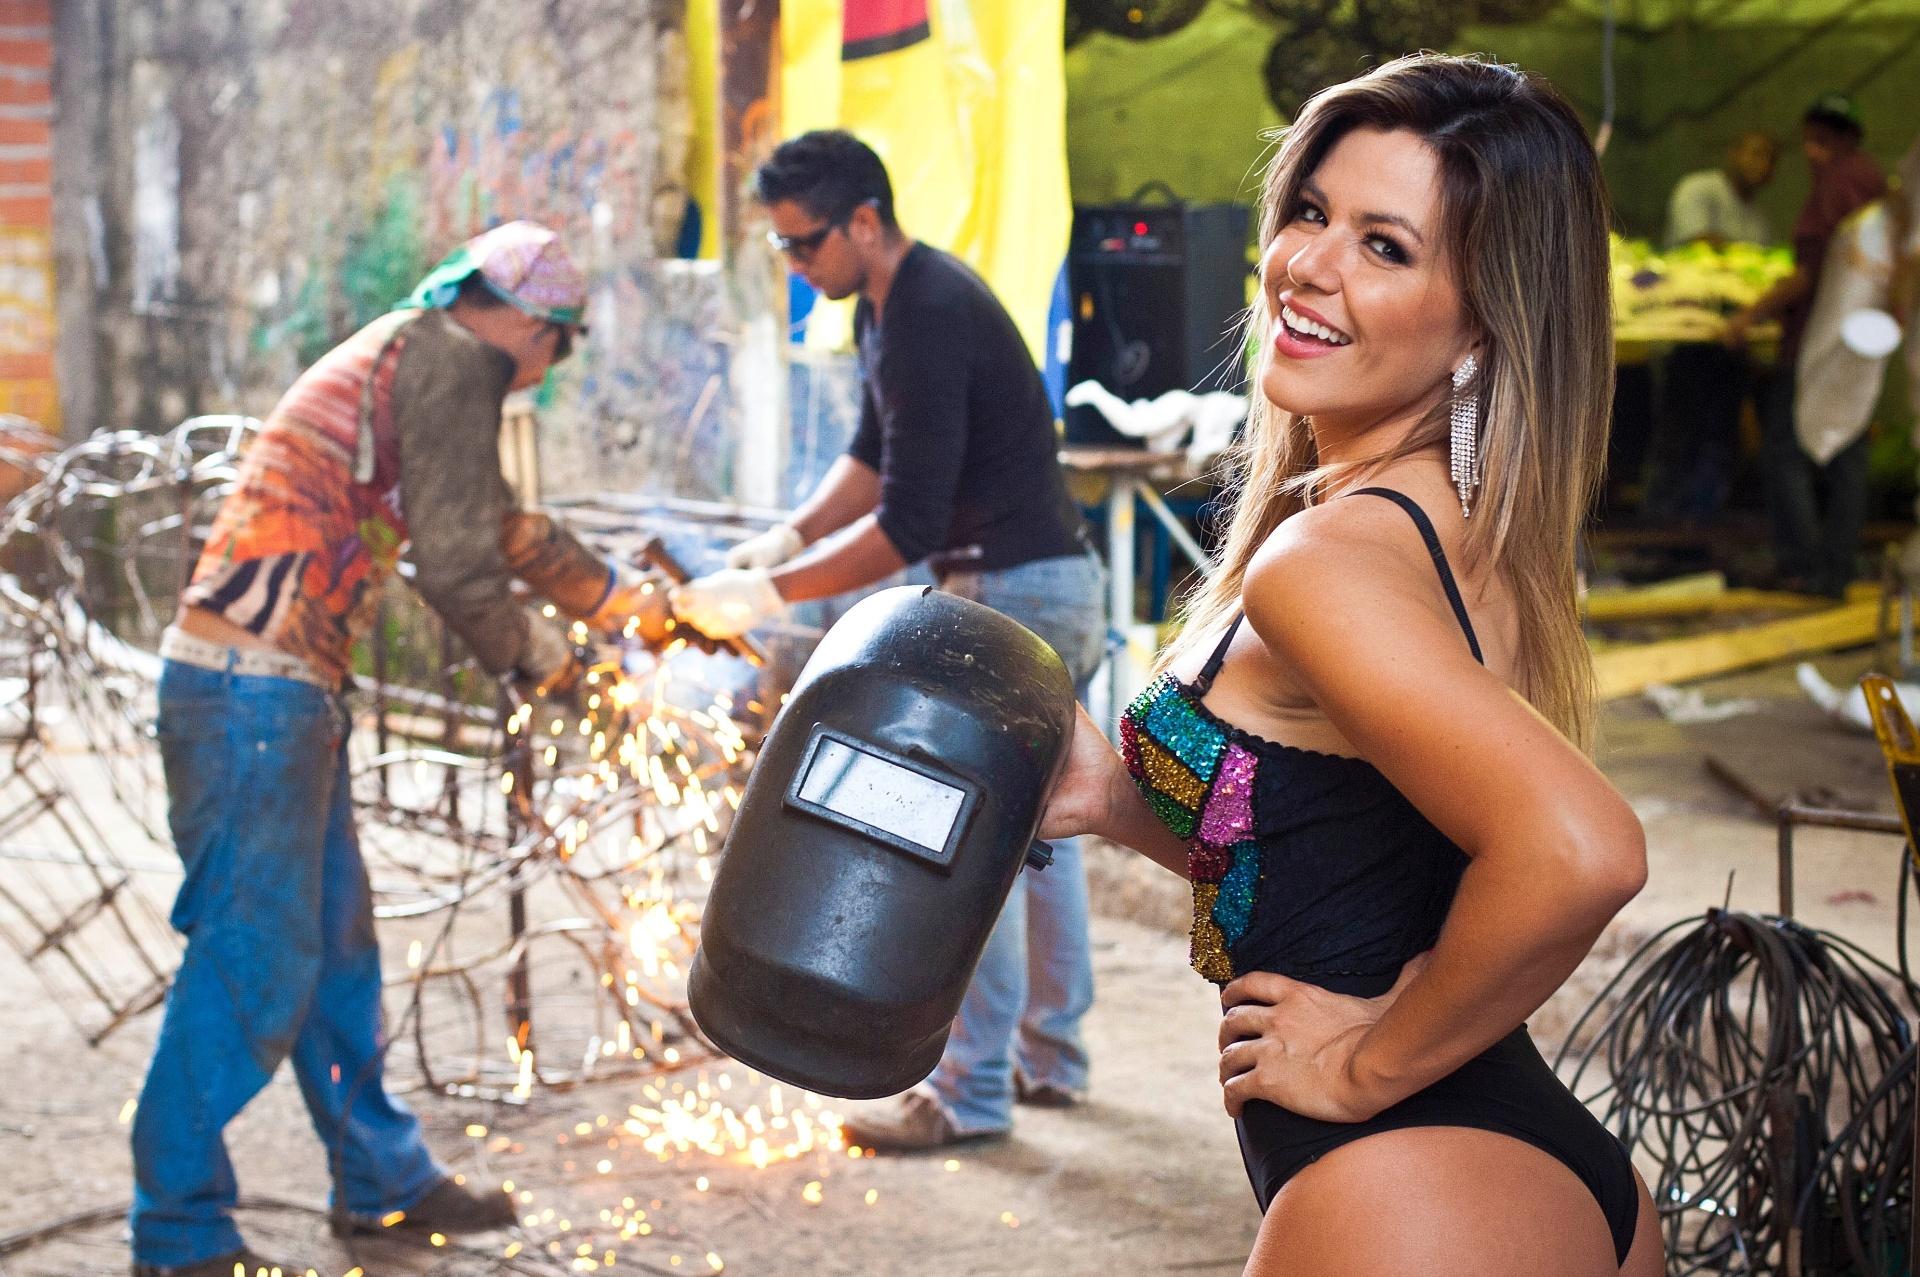 Musa da Tom Maior, a ex-Panicat Tânia Oliveira participou de um ensaio fotográfico exclusivo para o UOL no barracão da escola, no Bom Retiro, centro de São Paulo (31/01/12)